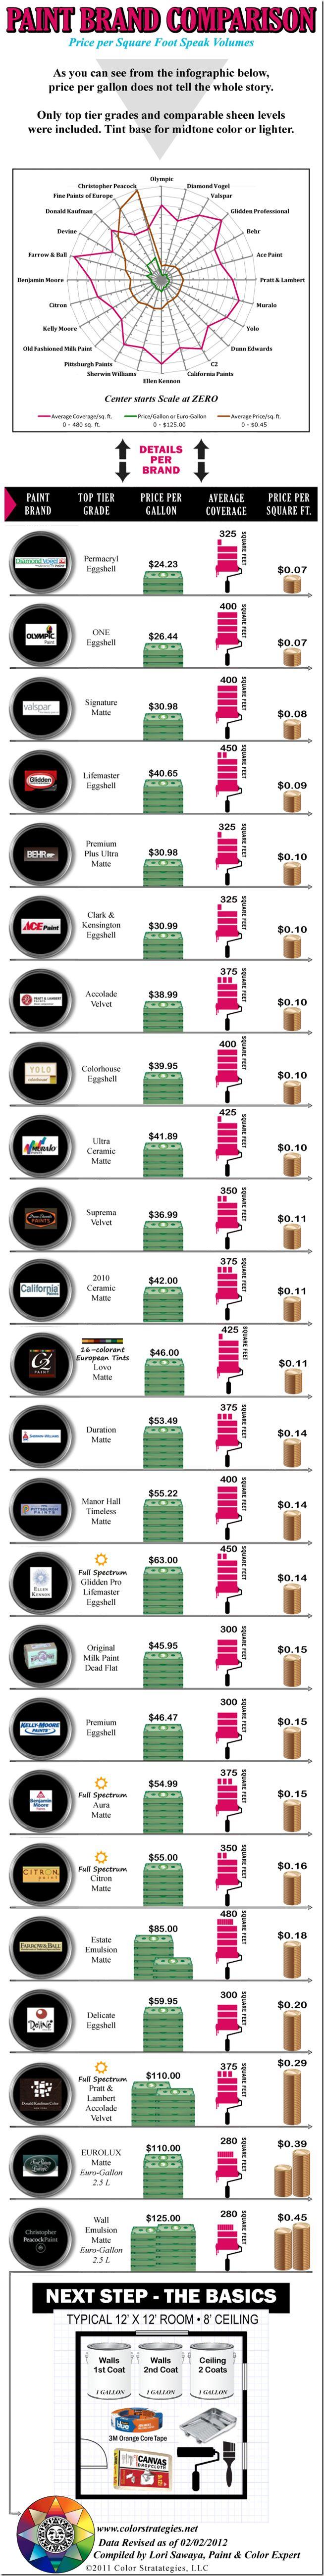 TheLandofColor.com | Paint Prices Per Gallon–Major Brands Infographic - TheLandofColor.com